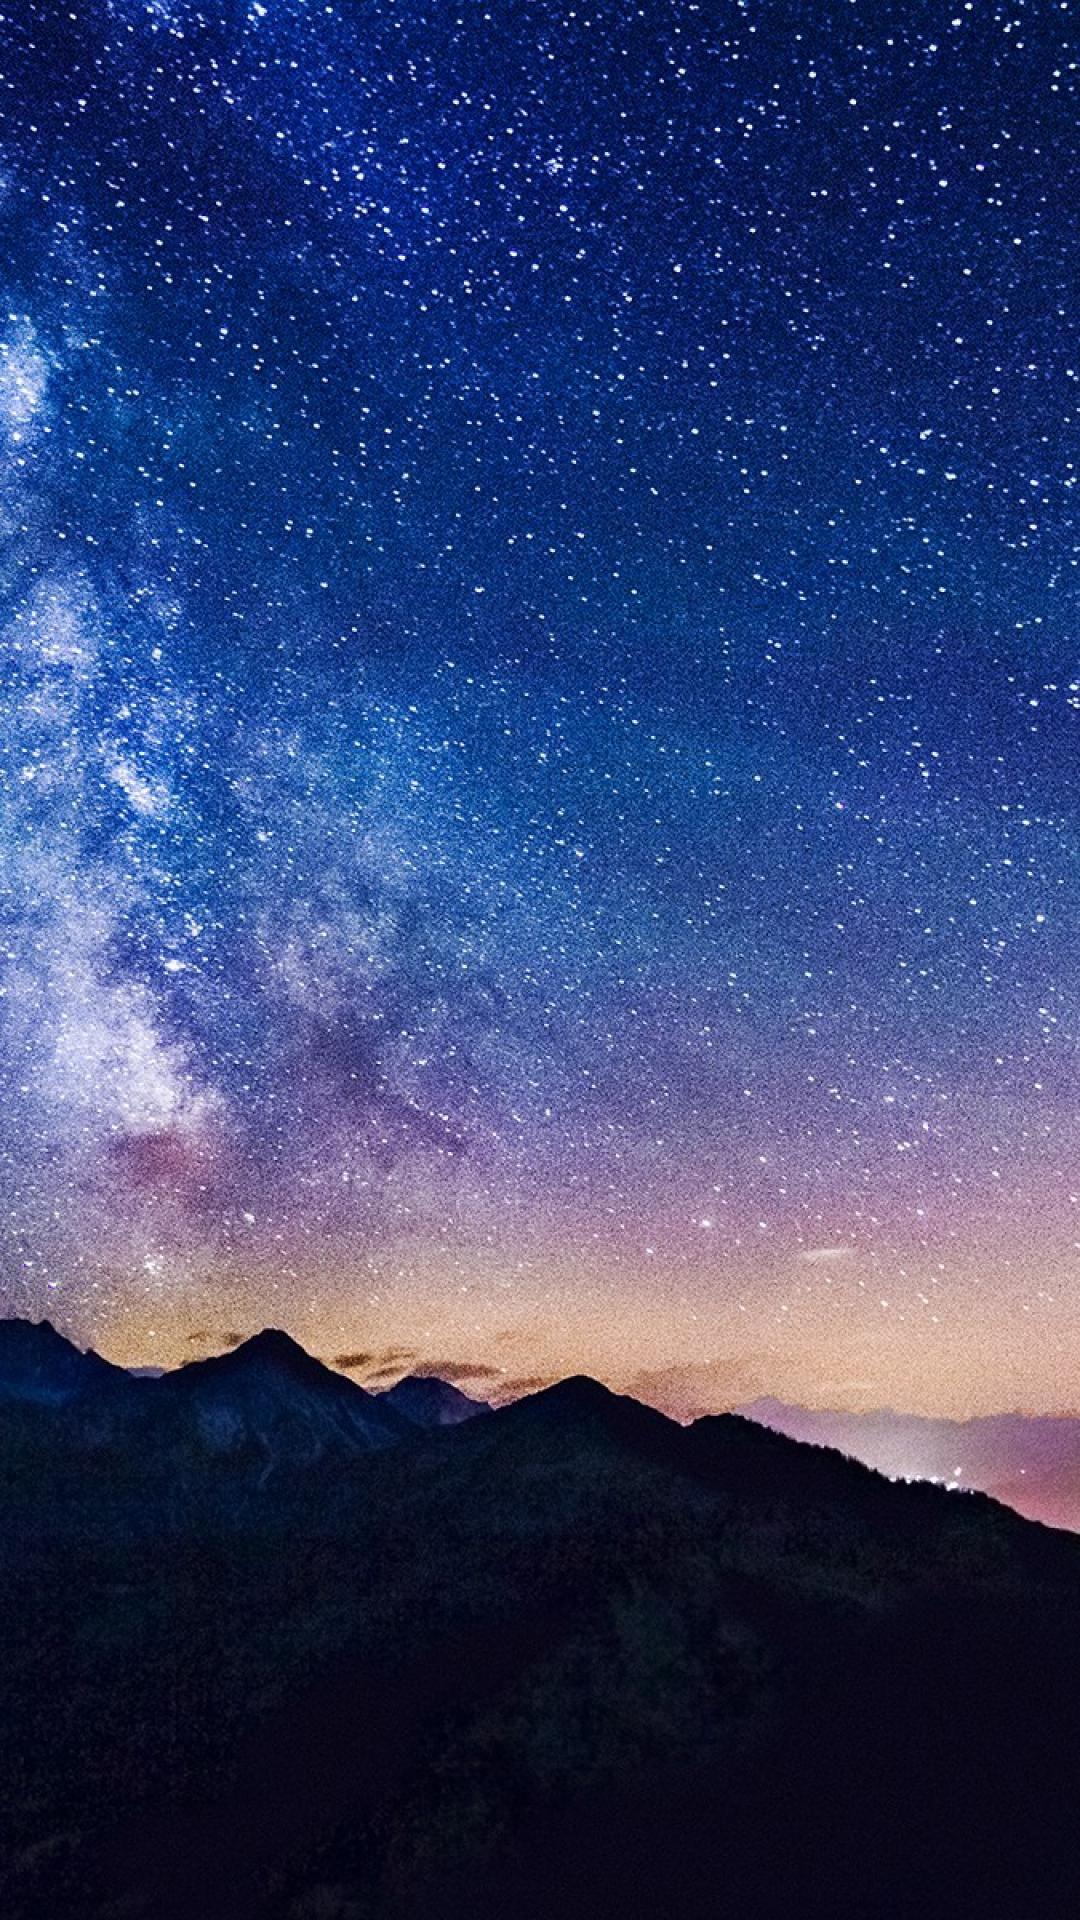 人気295位】夜空の星